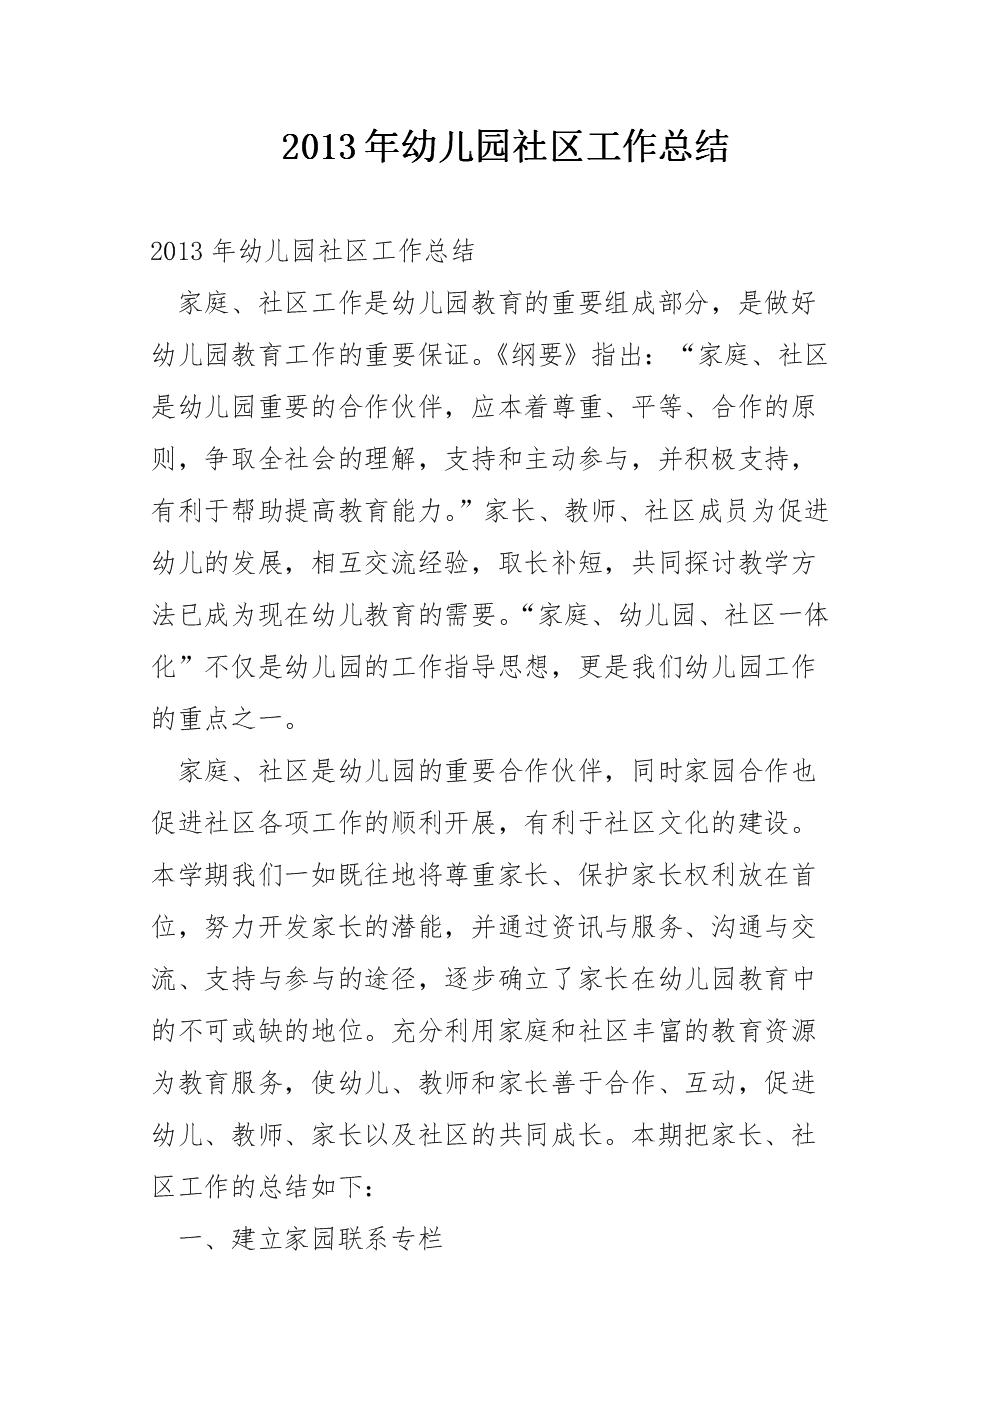 2013年幼儿园社区工作总结.doc